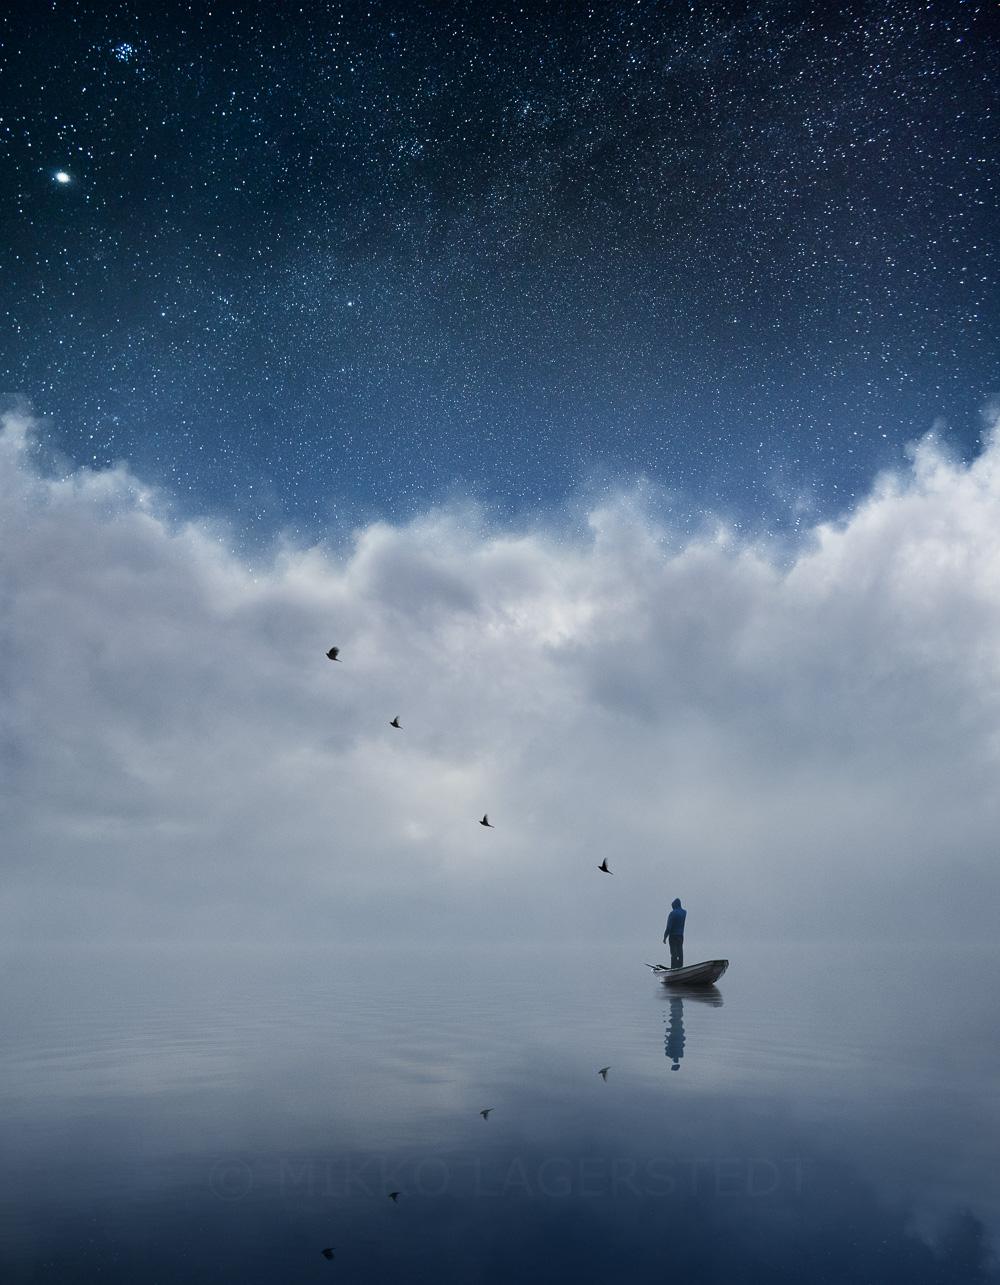 Mikko-Lagerstedt-Dream.jpg